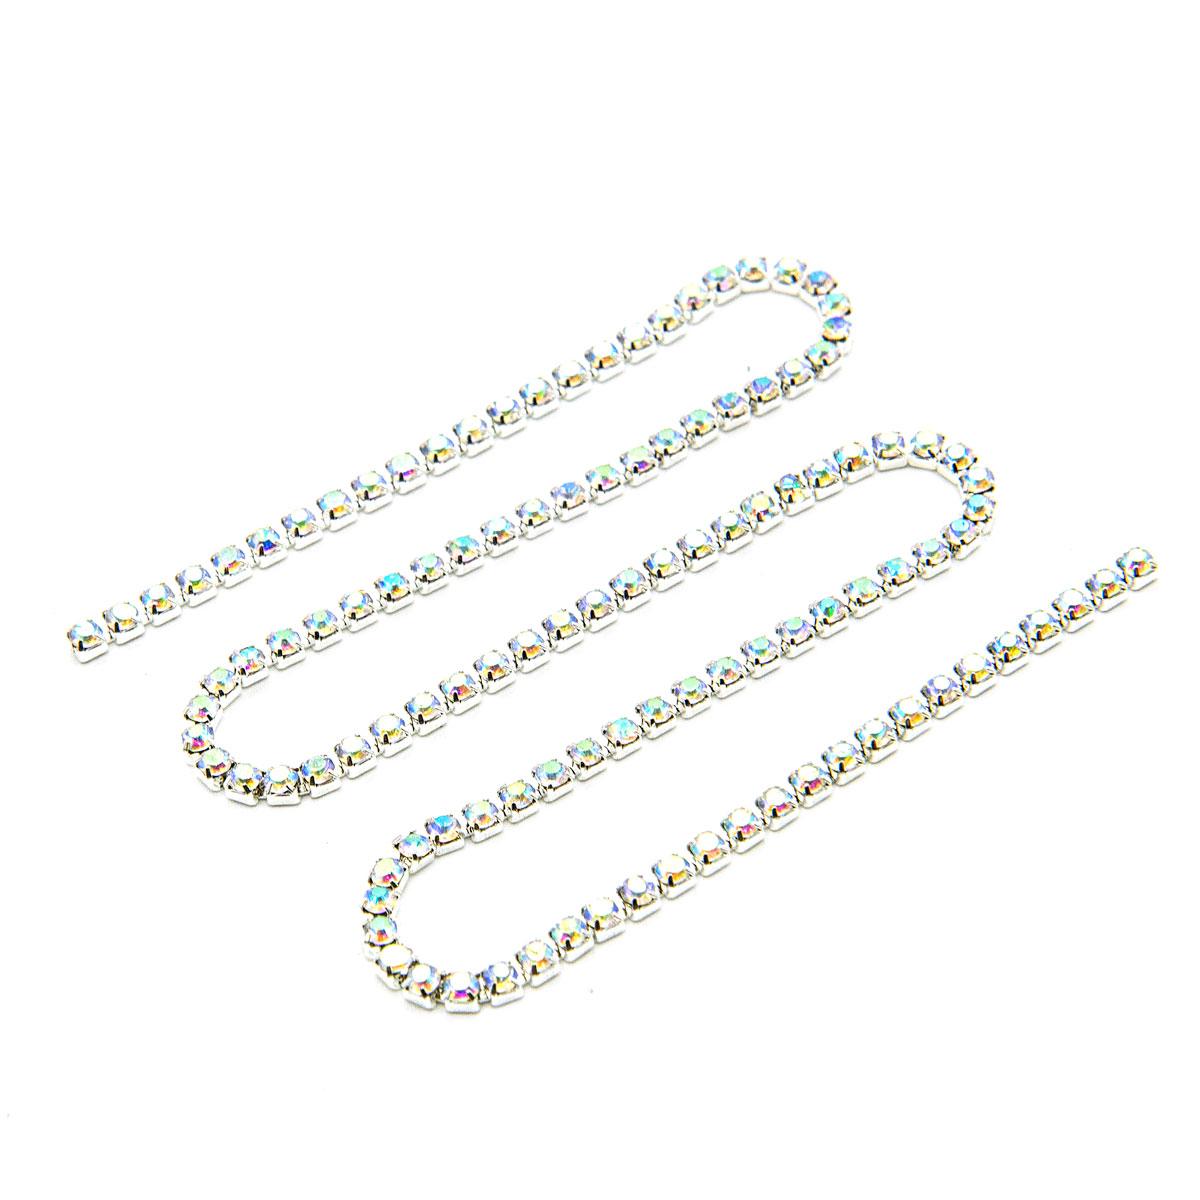 ЦС002СЦ2 Стразовые цепочки (серебро), цвет: белый с AB покрытием, размер 2 мм, 30 см/упак.